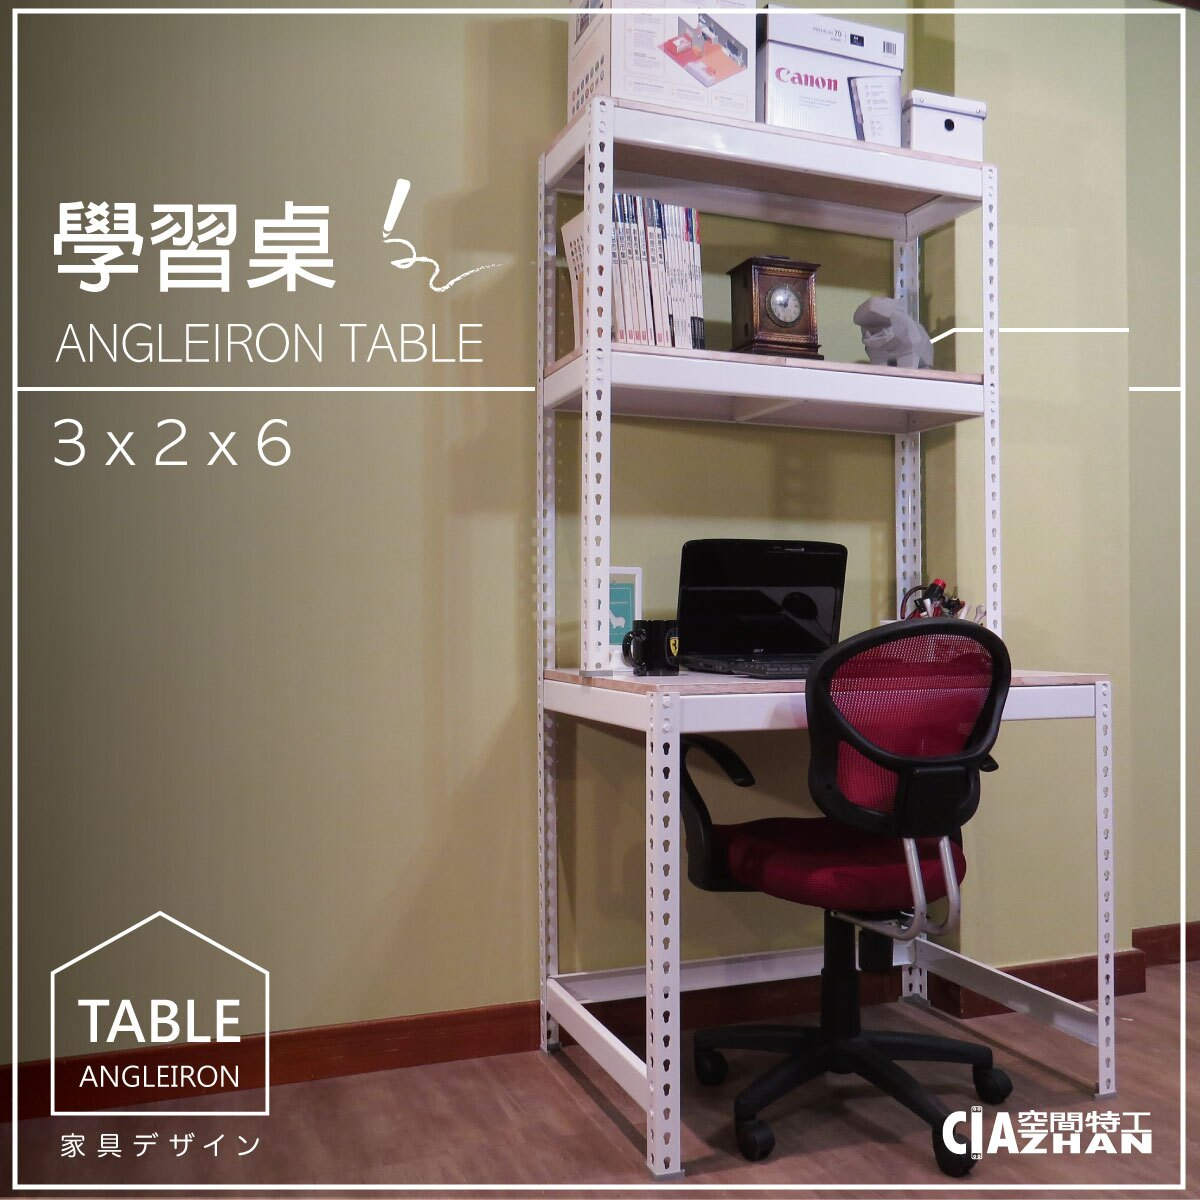 【空間特工】多功能 角鋼工作桌 3尺 雪皓白 書桌 工業風辦公桌 免螺絲角鋼桌 層架 電腦桌 收納架 WDW30203